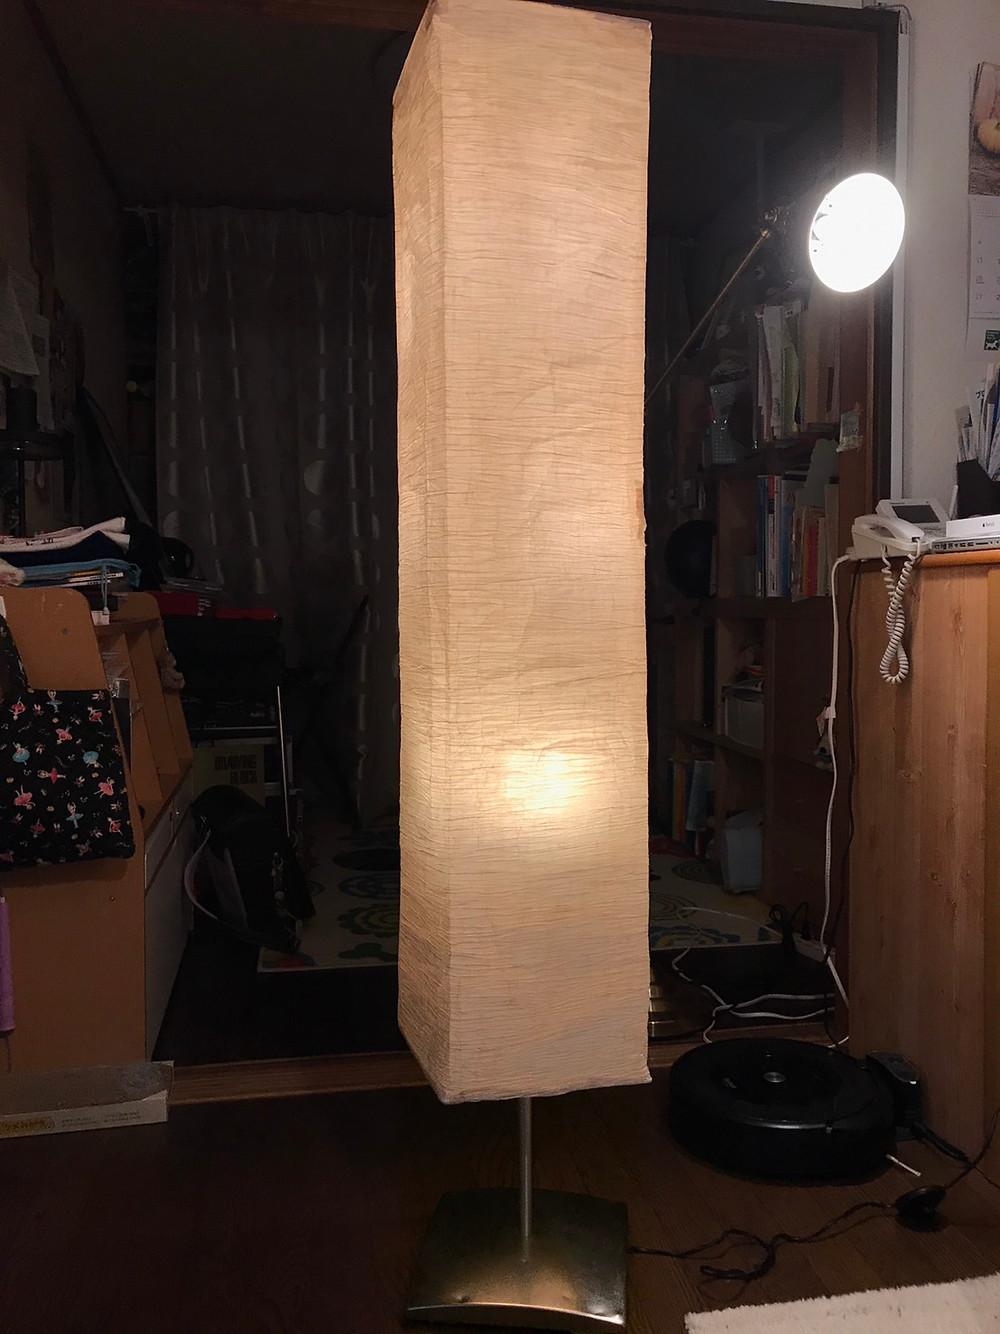 手作りあかり教室 PaperMoon(東京 自由が丘)ランプ修理 照明修理